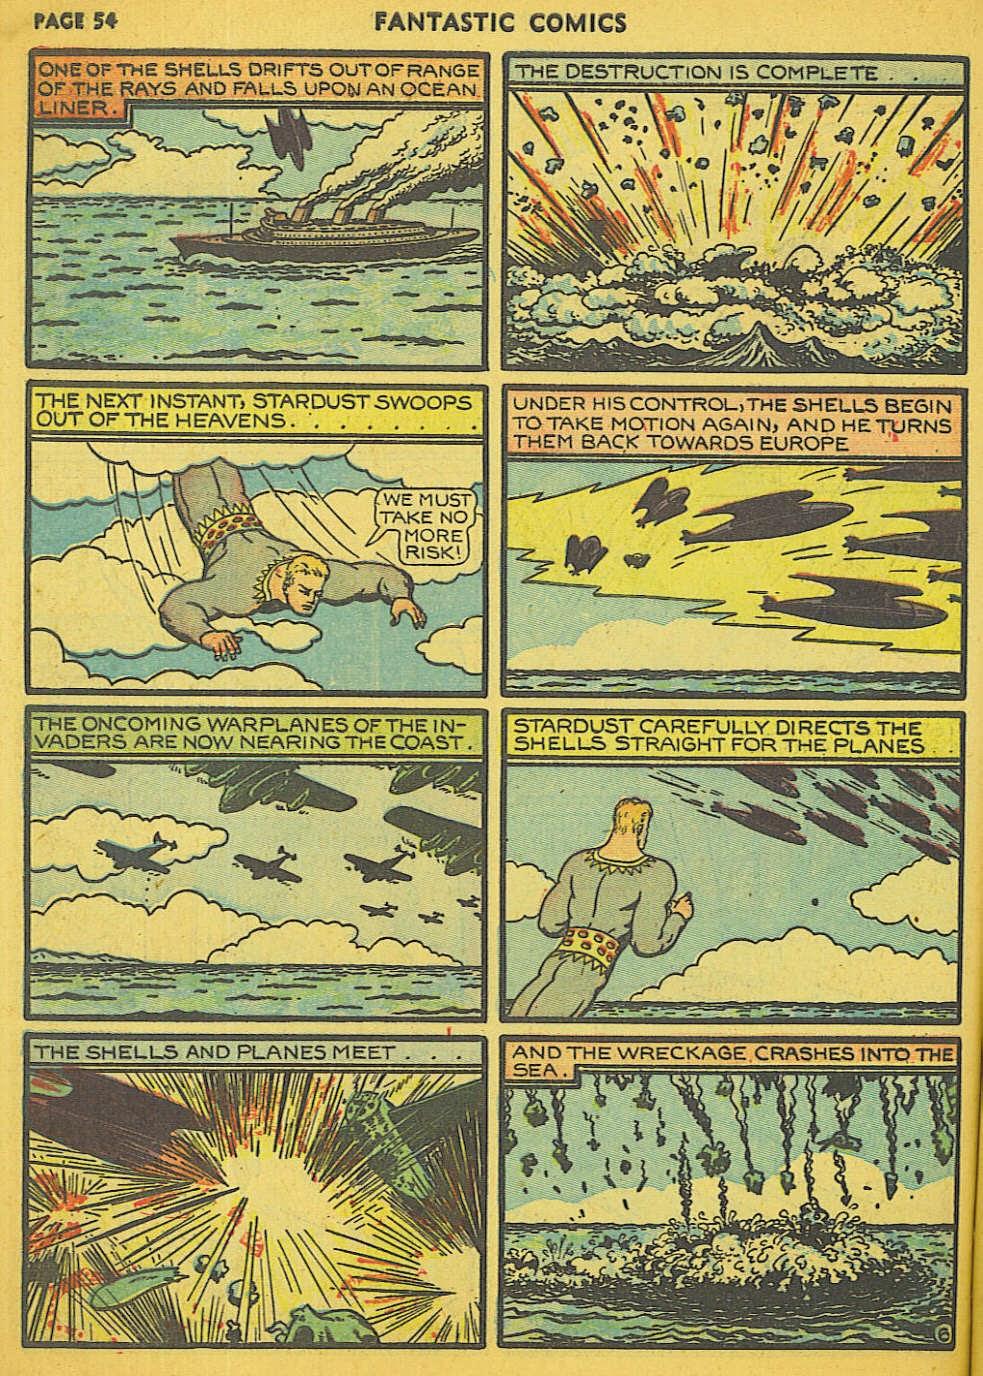 Read online Fantastic Comics comic -  Issue #15 - 49